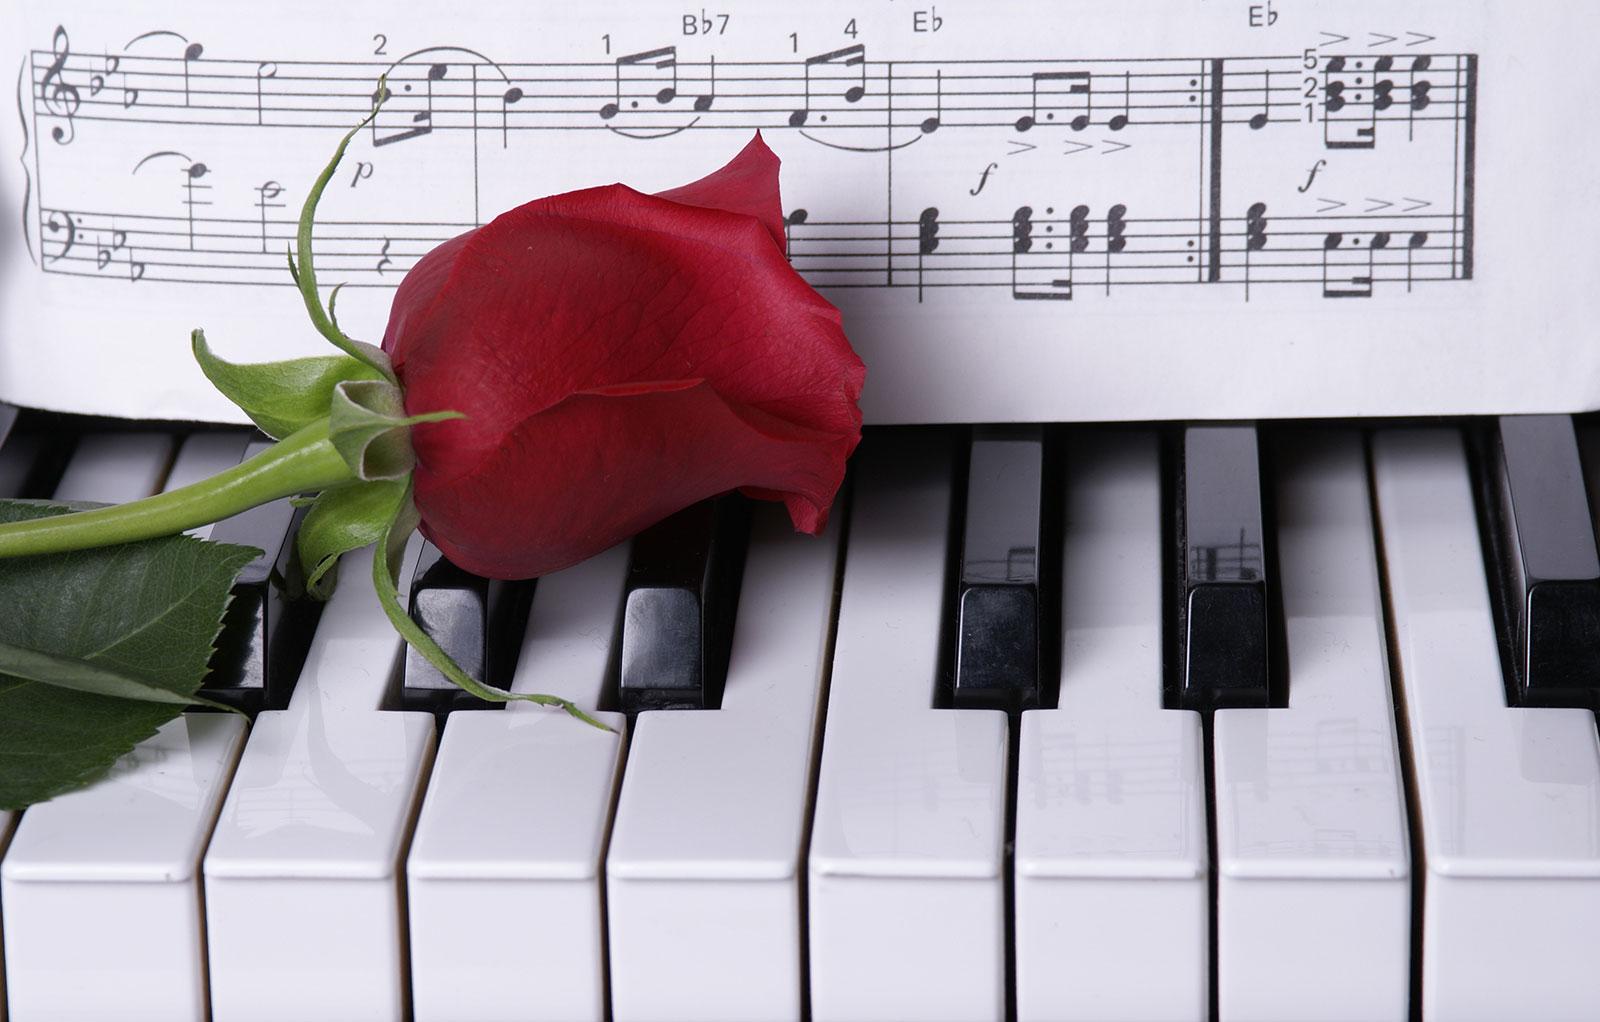 背景画像-ピアノとバラ-